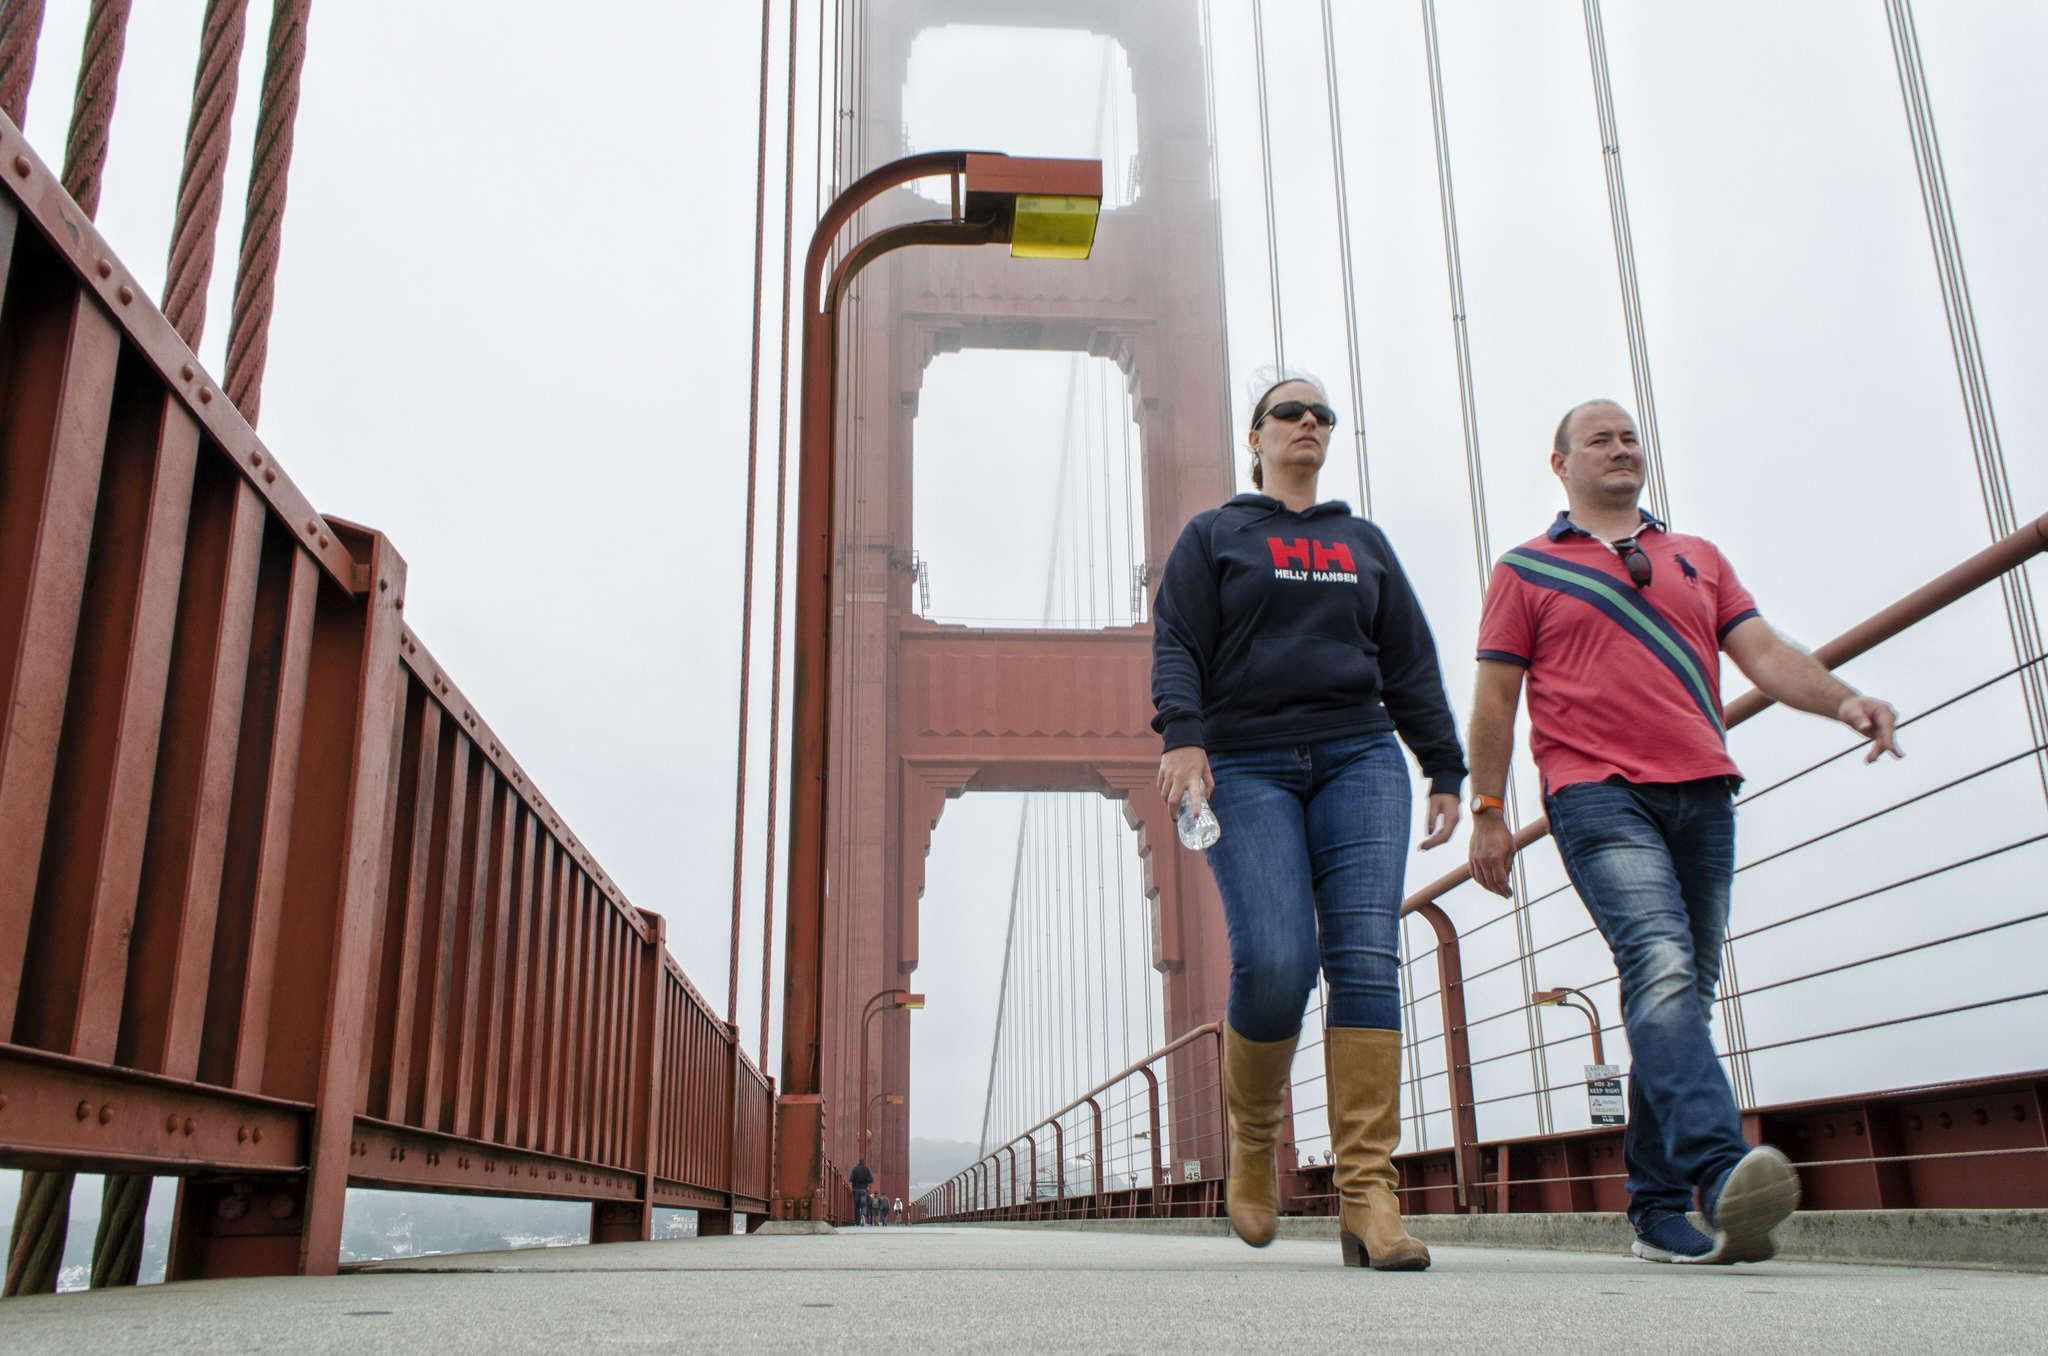 Pedestrians walk across the Golden Gate Bridge, Monday, Nov. 10, 2014 in San Francisco, Cali.